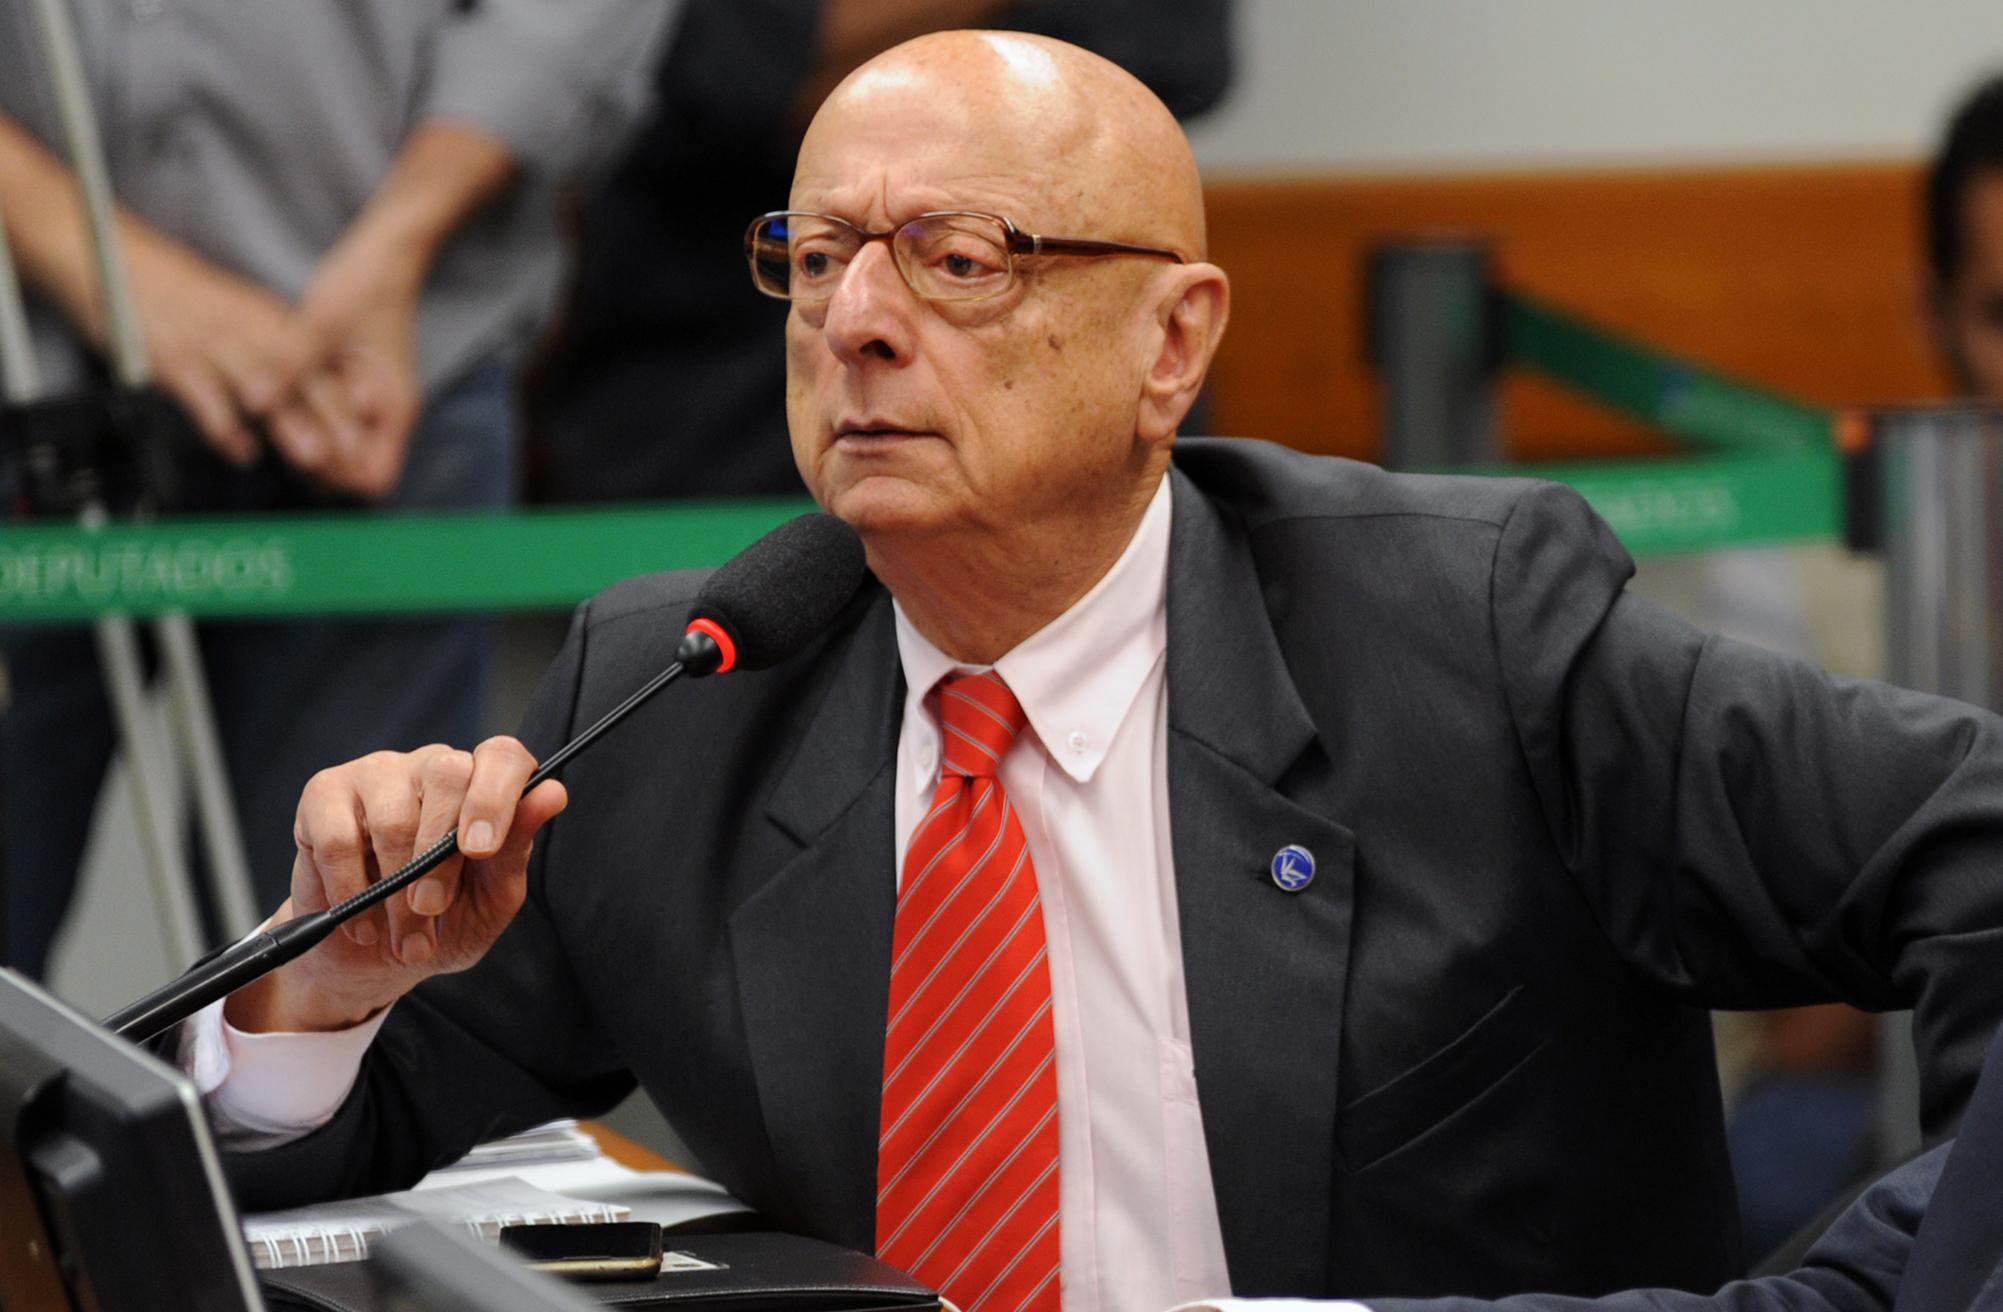 Reunião Ordinária. Dep. Esperidião Amin (PP - SC)